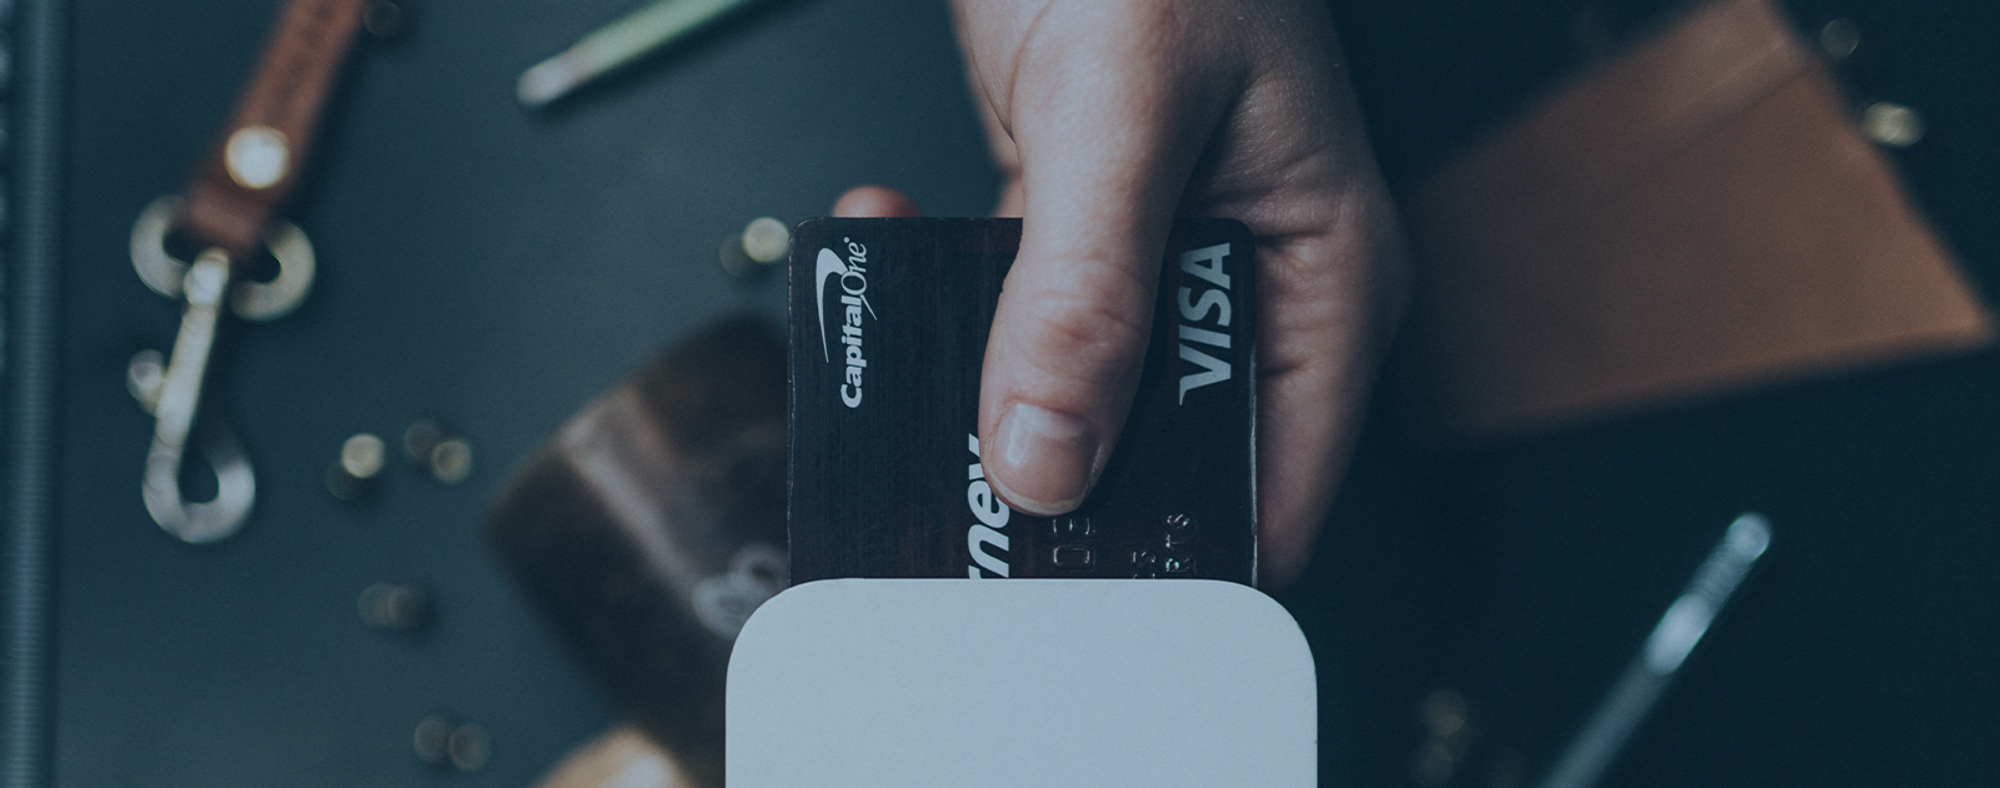 Betalning med kort